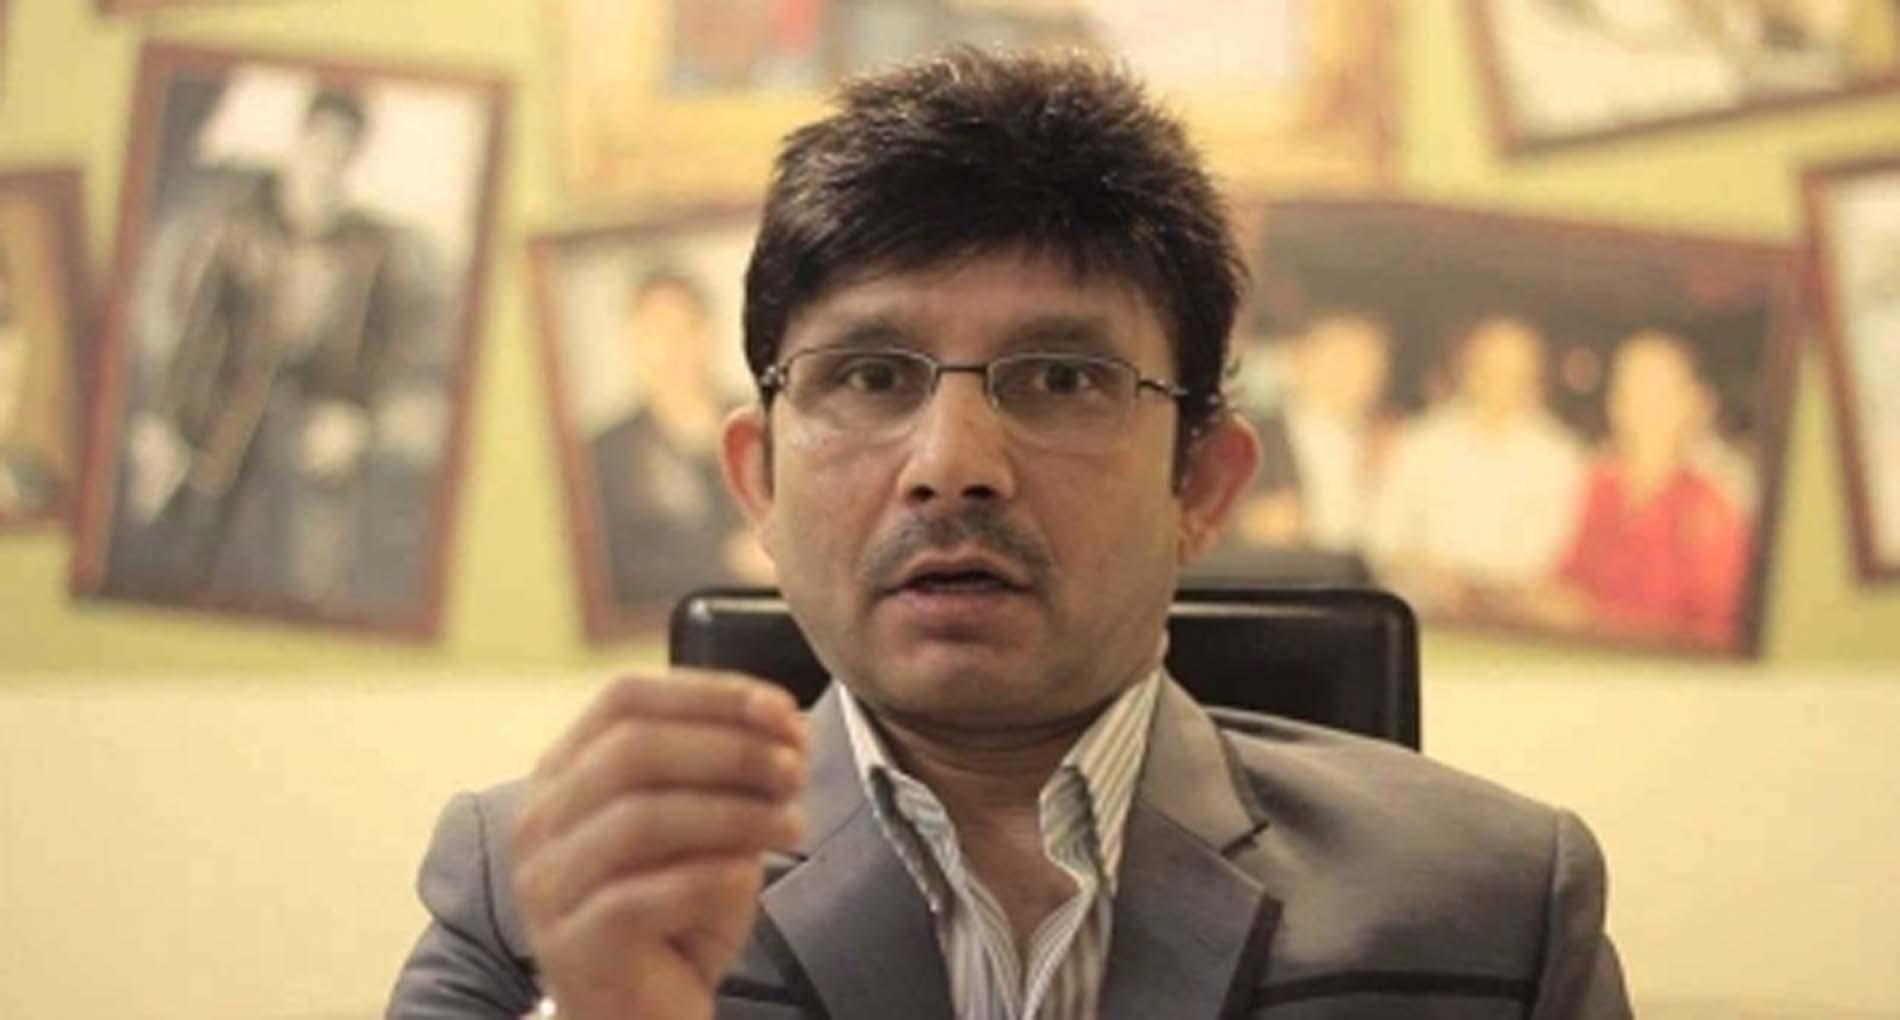 केआरके ने लॉक किया अपना ट्विटर अकाउंट! सलमान खान और मीका के फैंस ने किया ट्रोल